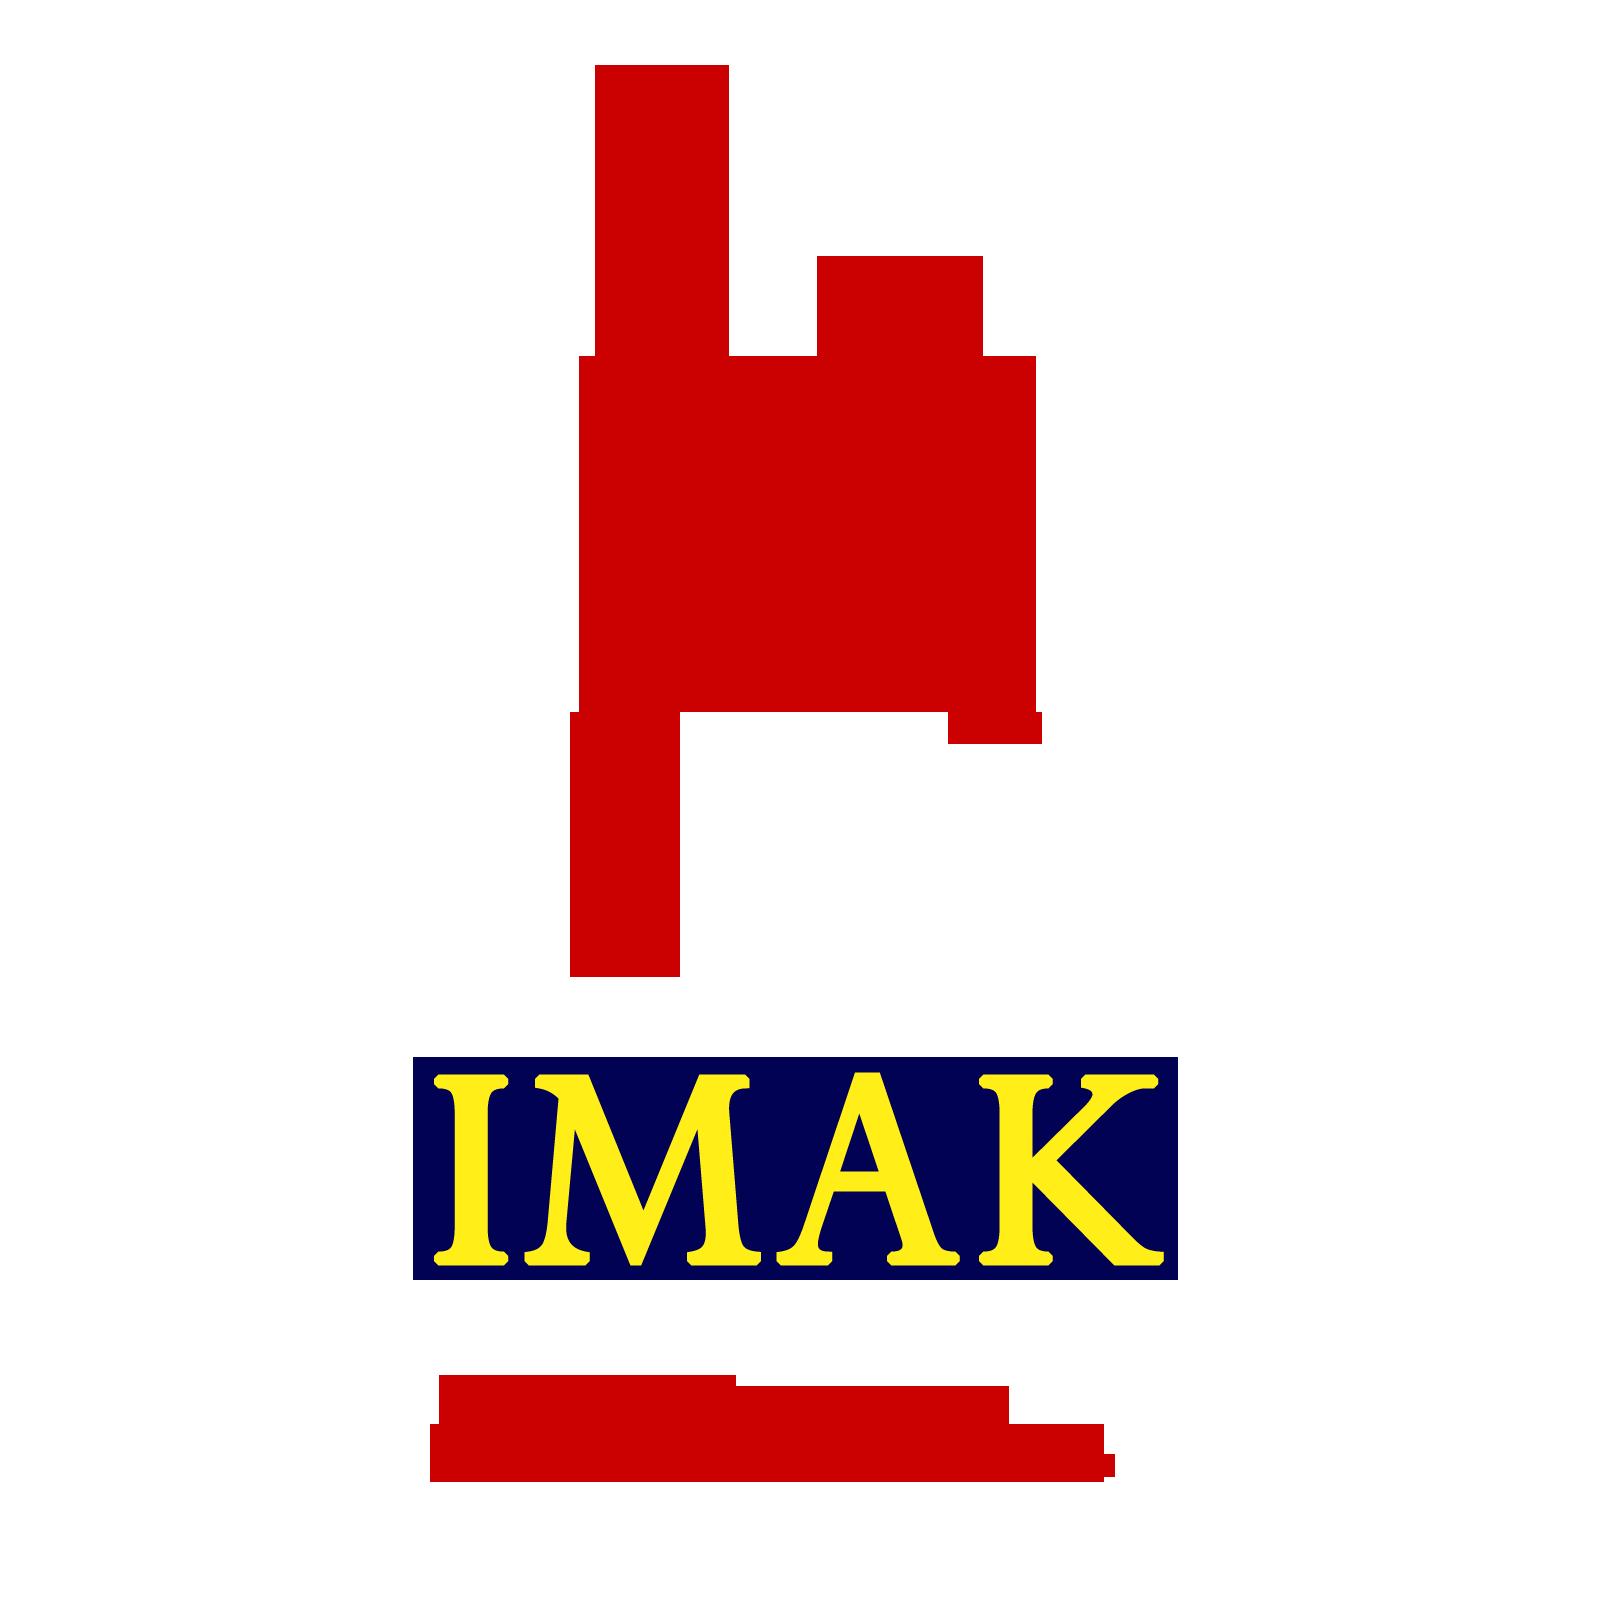 Viral News Website Needs A Playful Logo: IMAK Production